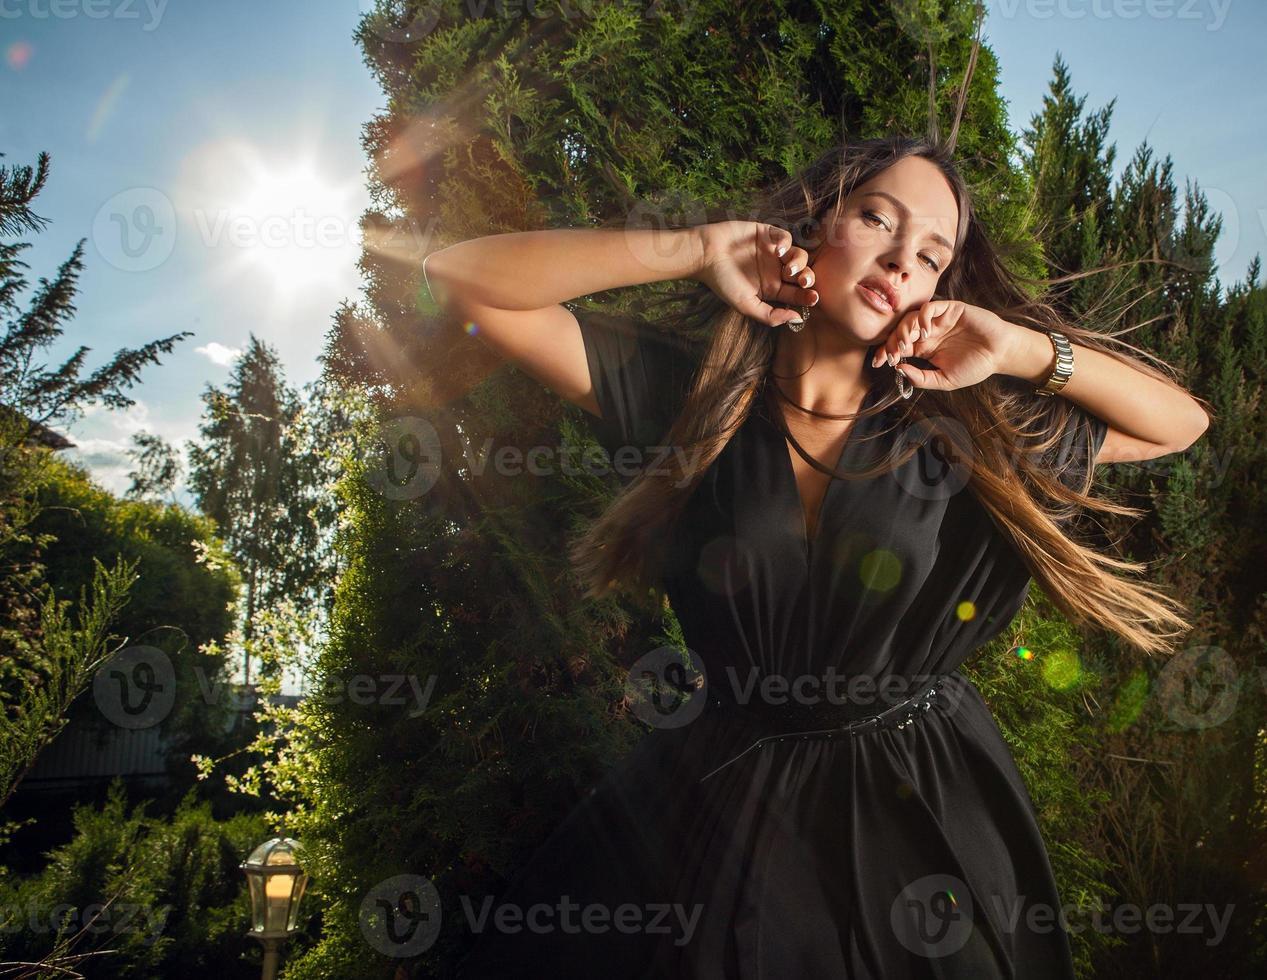 extérieur portrait de belle fille en robe longue noire de luxe. photo